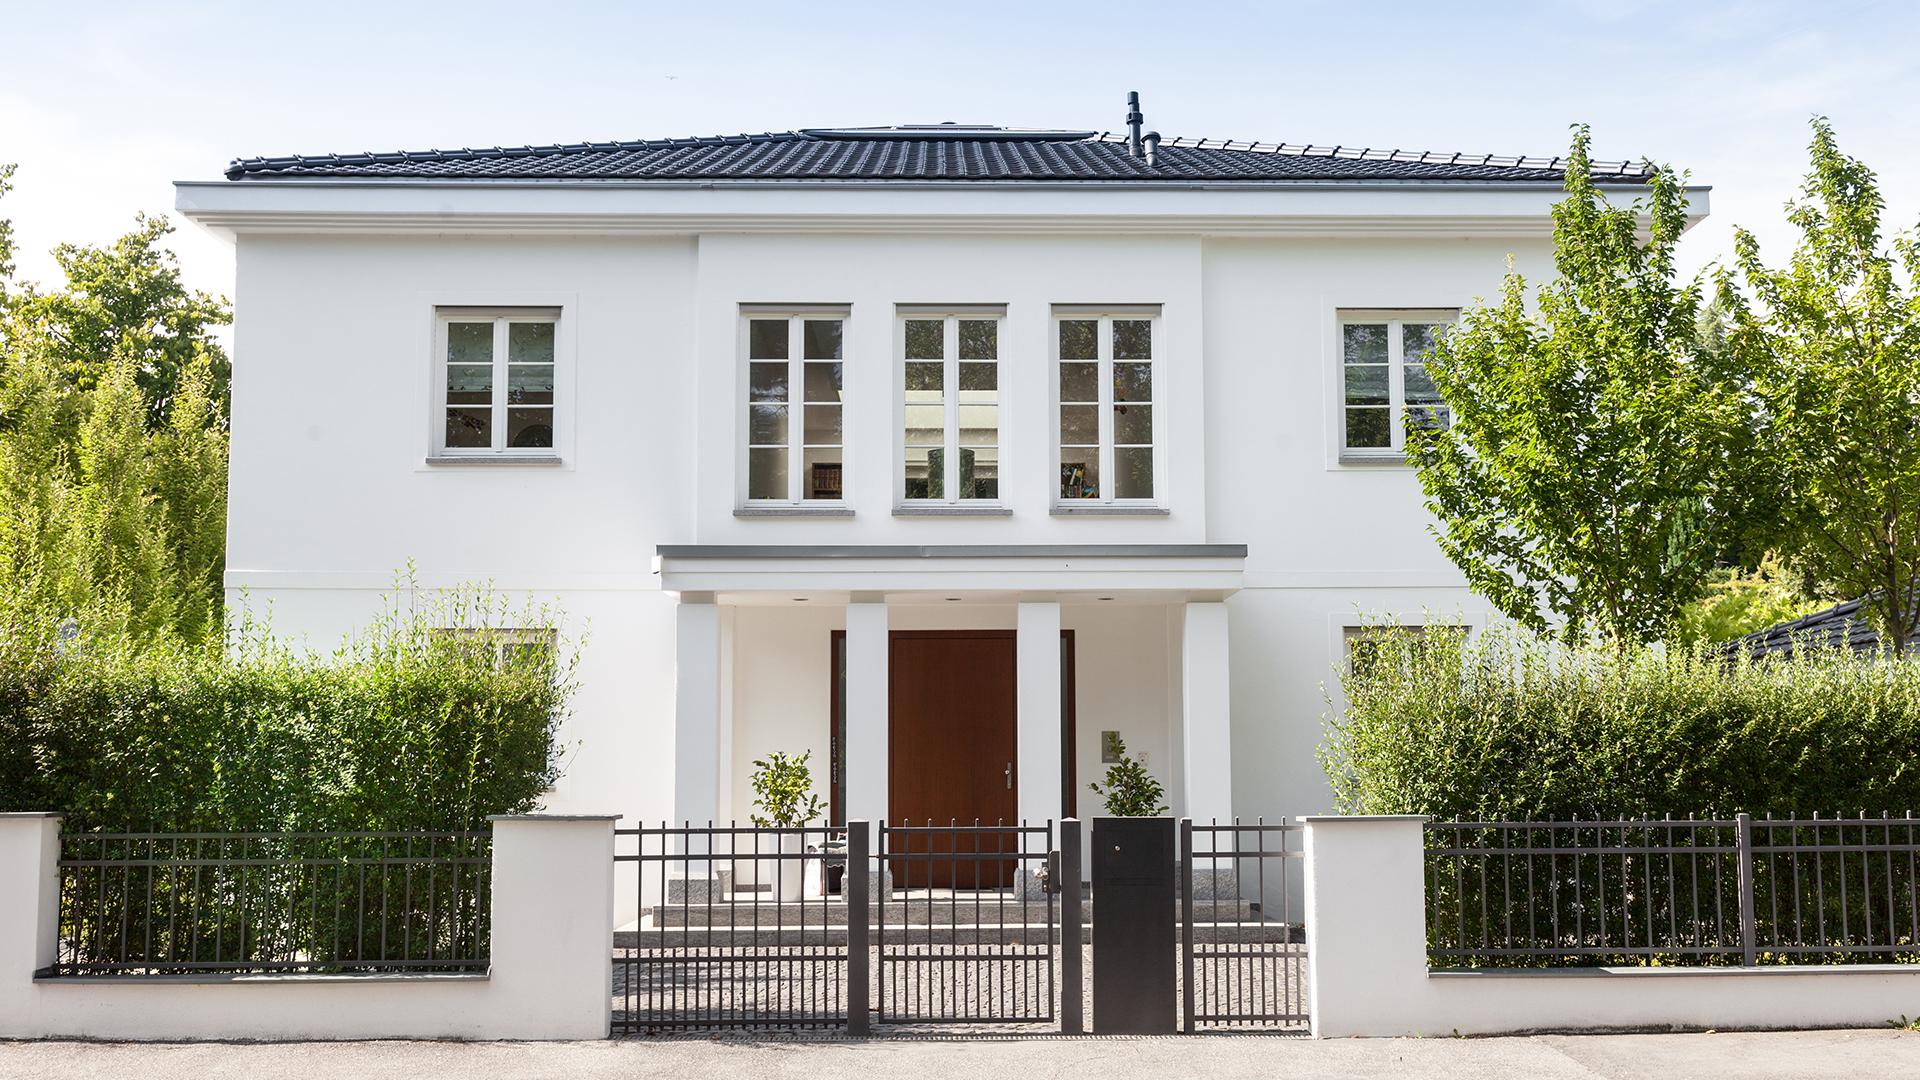 PARMENAS Finanzierung - Gewerbe- und Wohnimmobilien - Freiräume durch nachhaltige Investitionen